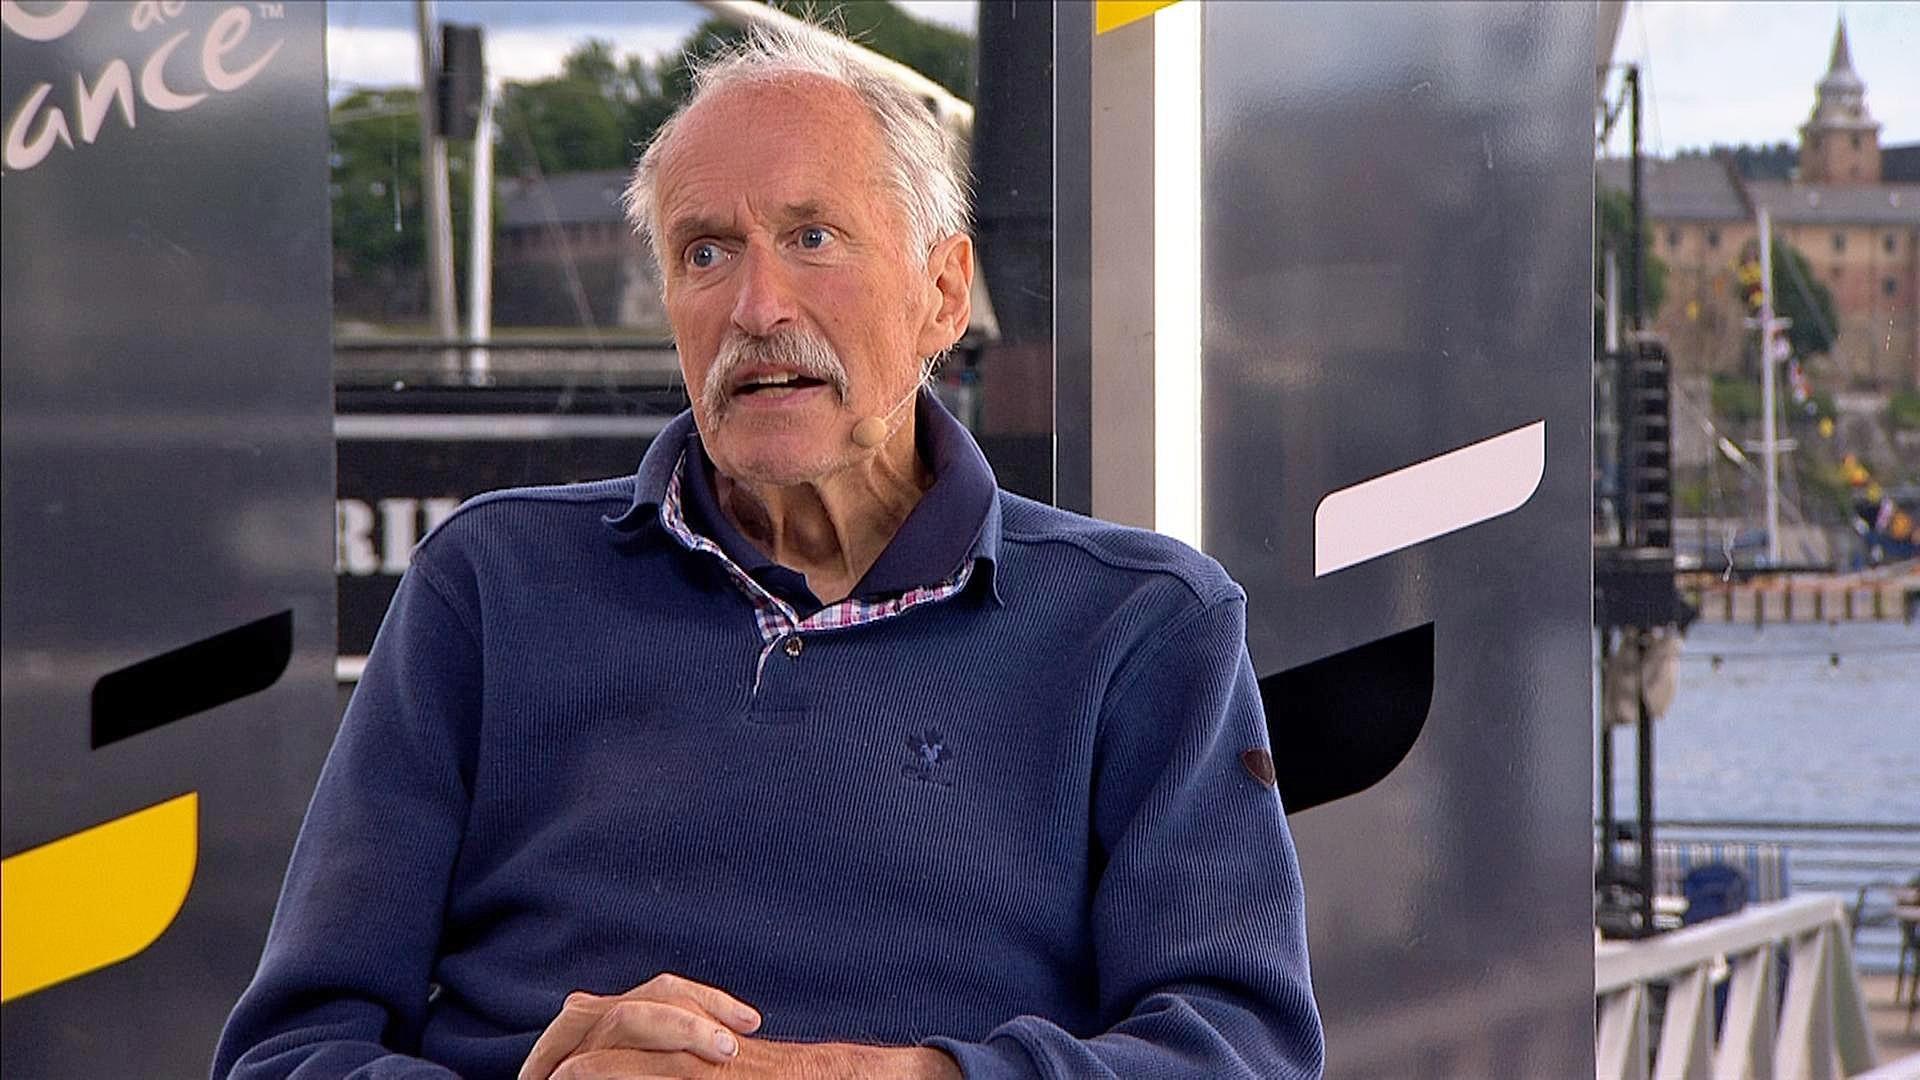 Johan Kaggestad besøker Tour de France-studio